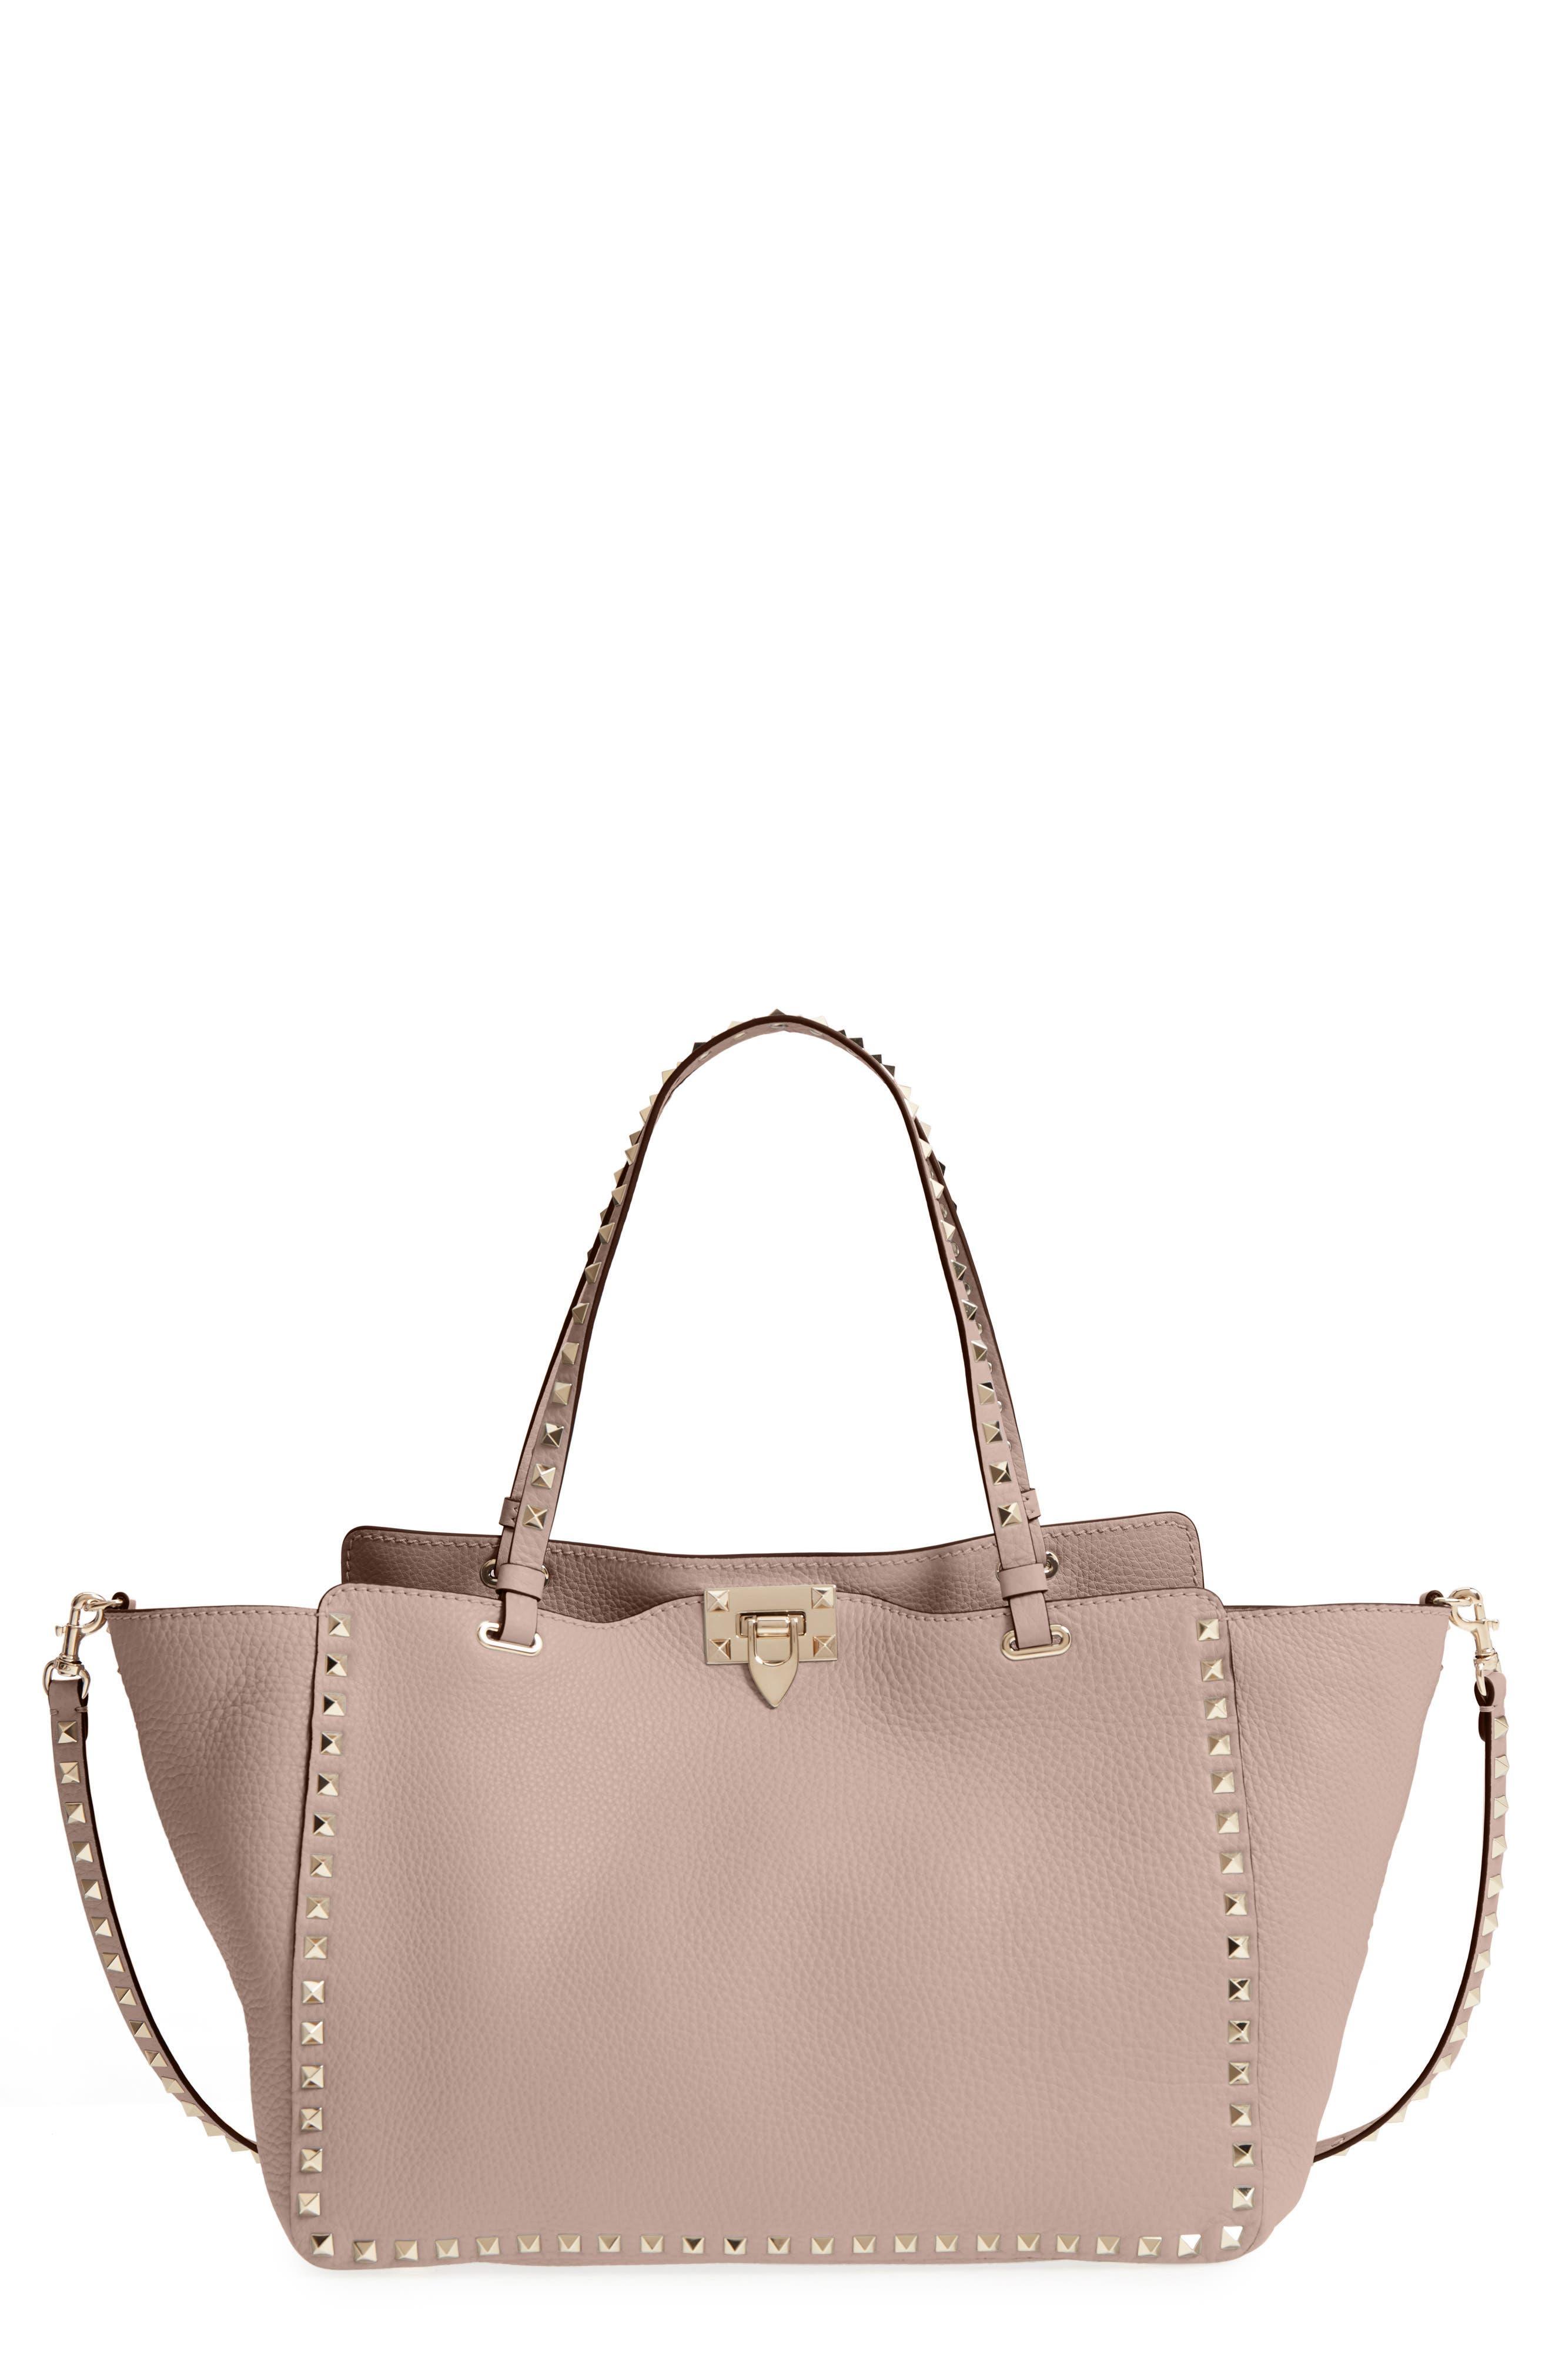 a46e2d3b99 VALENTINO GARAVANI Handbags & Purses | Nordstrom